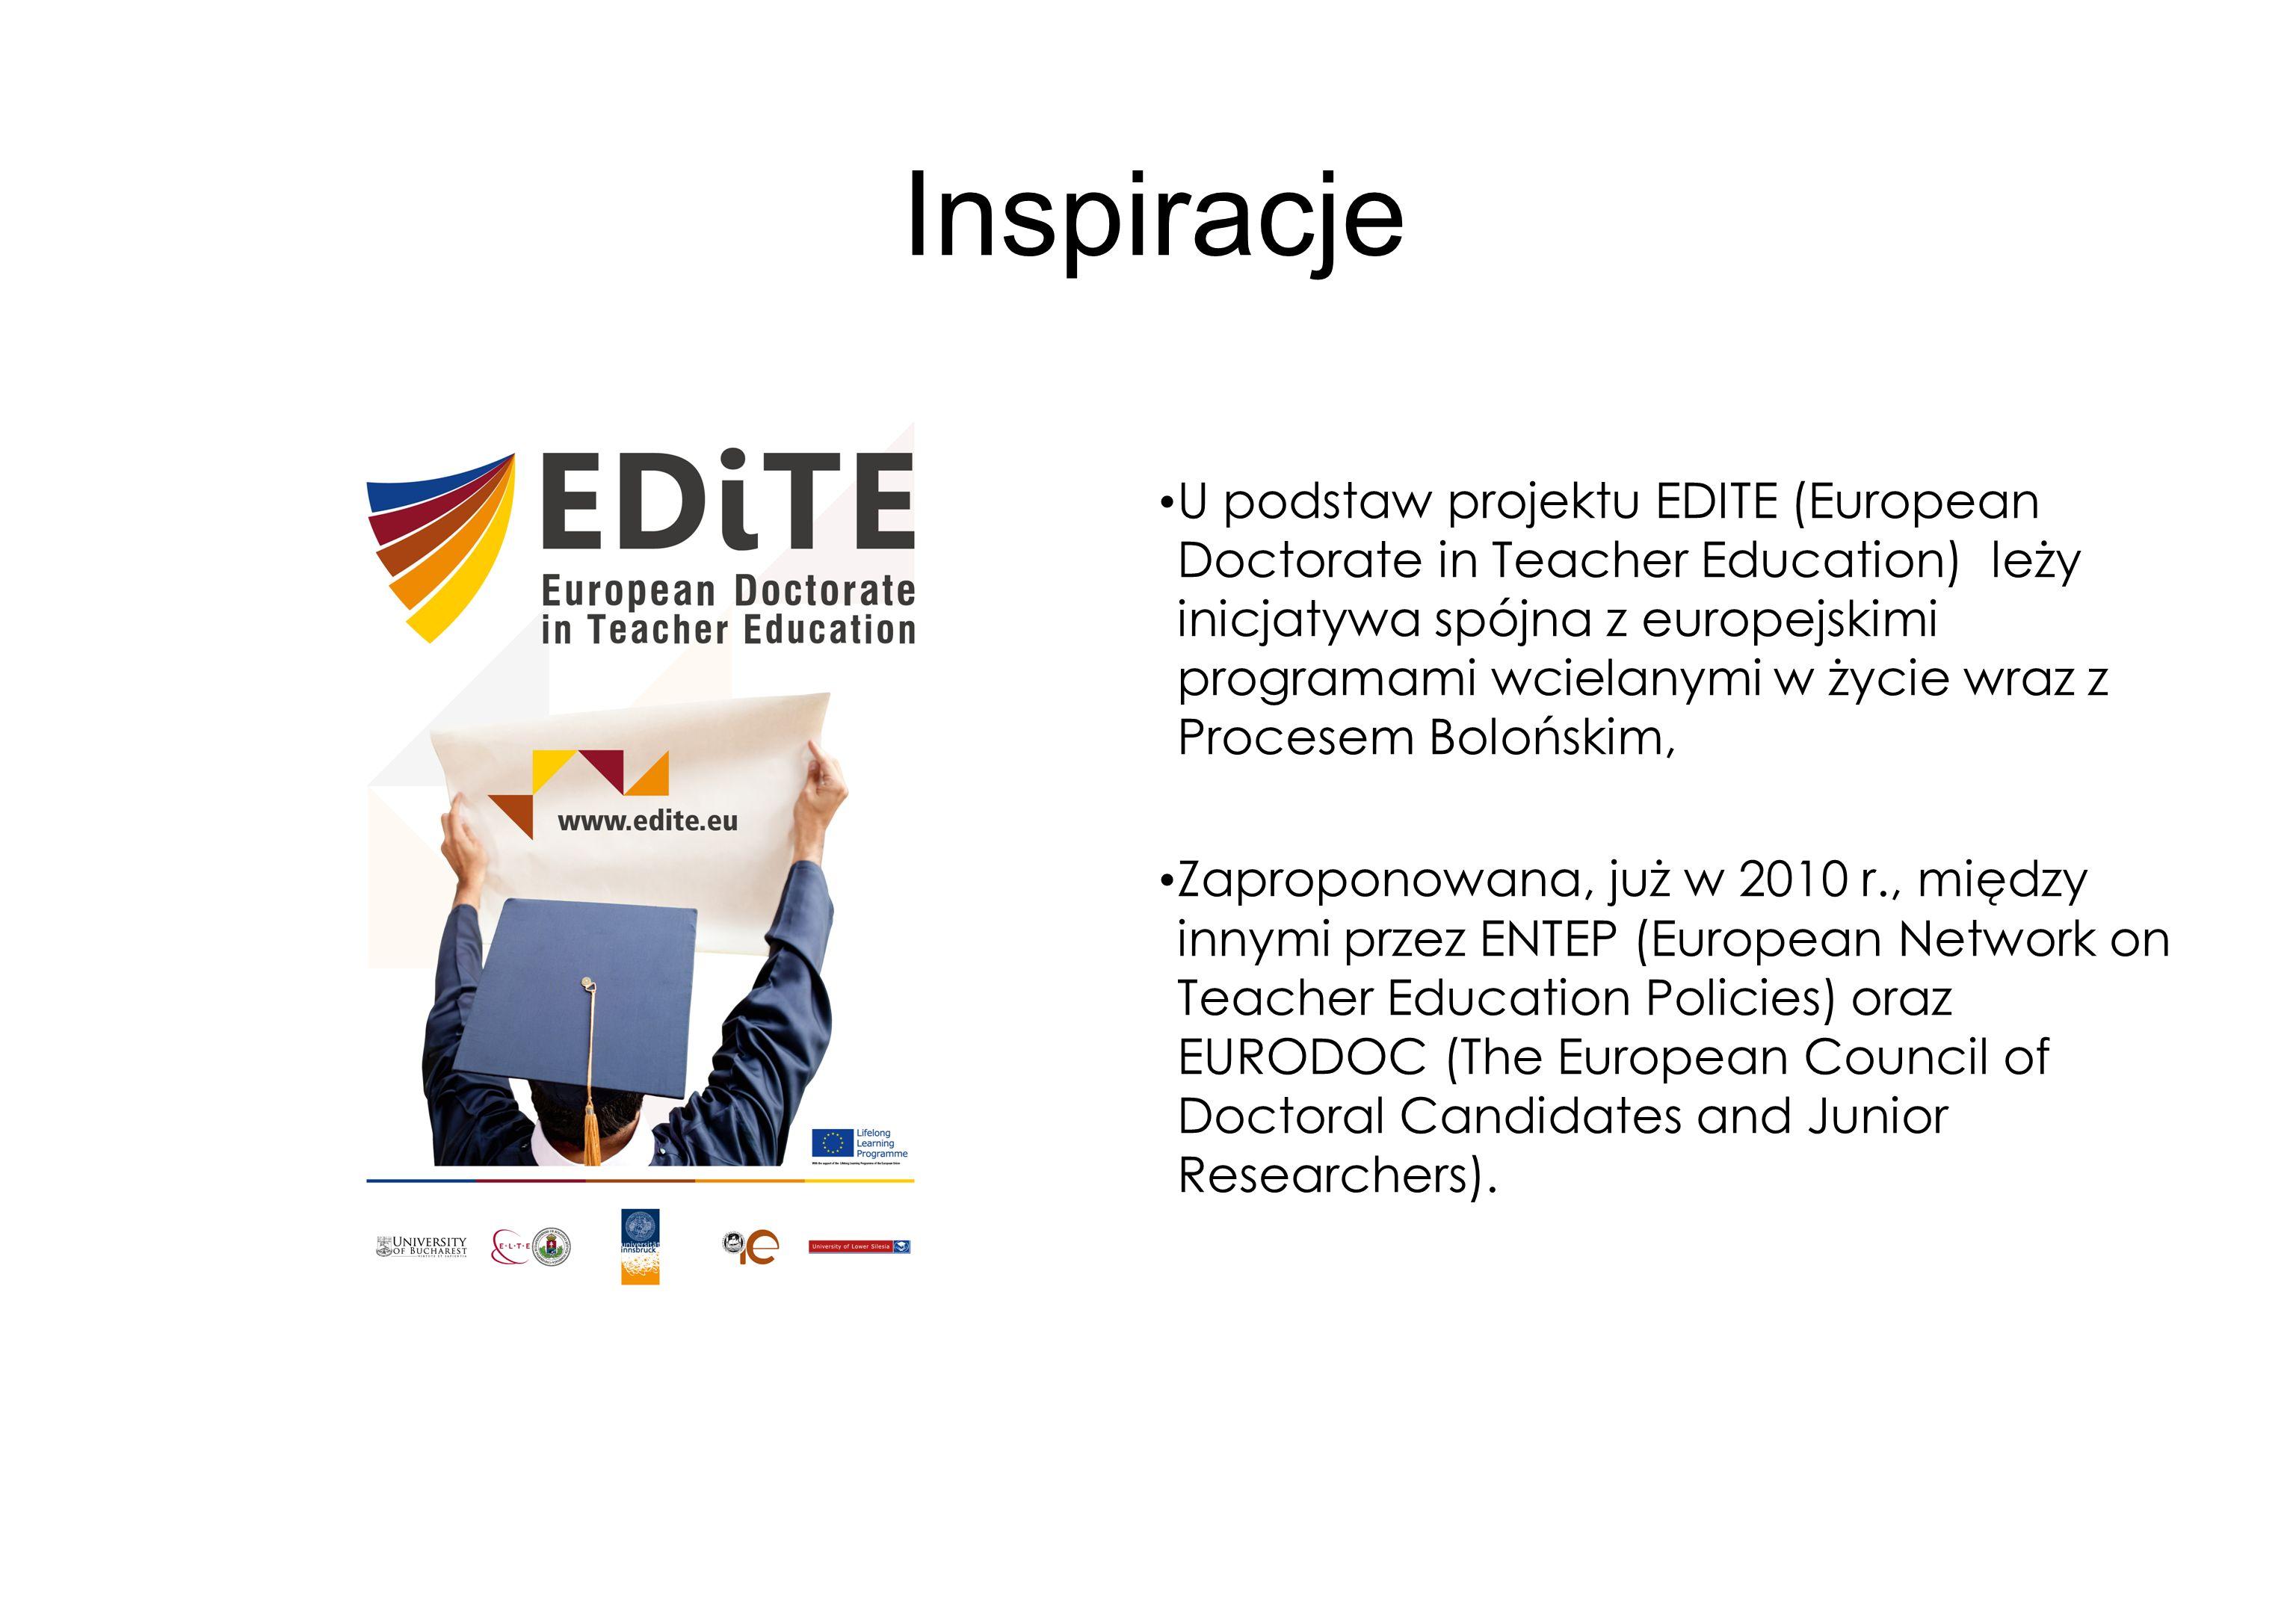 Źródła: Materiały niepublikowane, udostępnione przez konsorcjum EDiTE, wrzesień 2013 r.